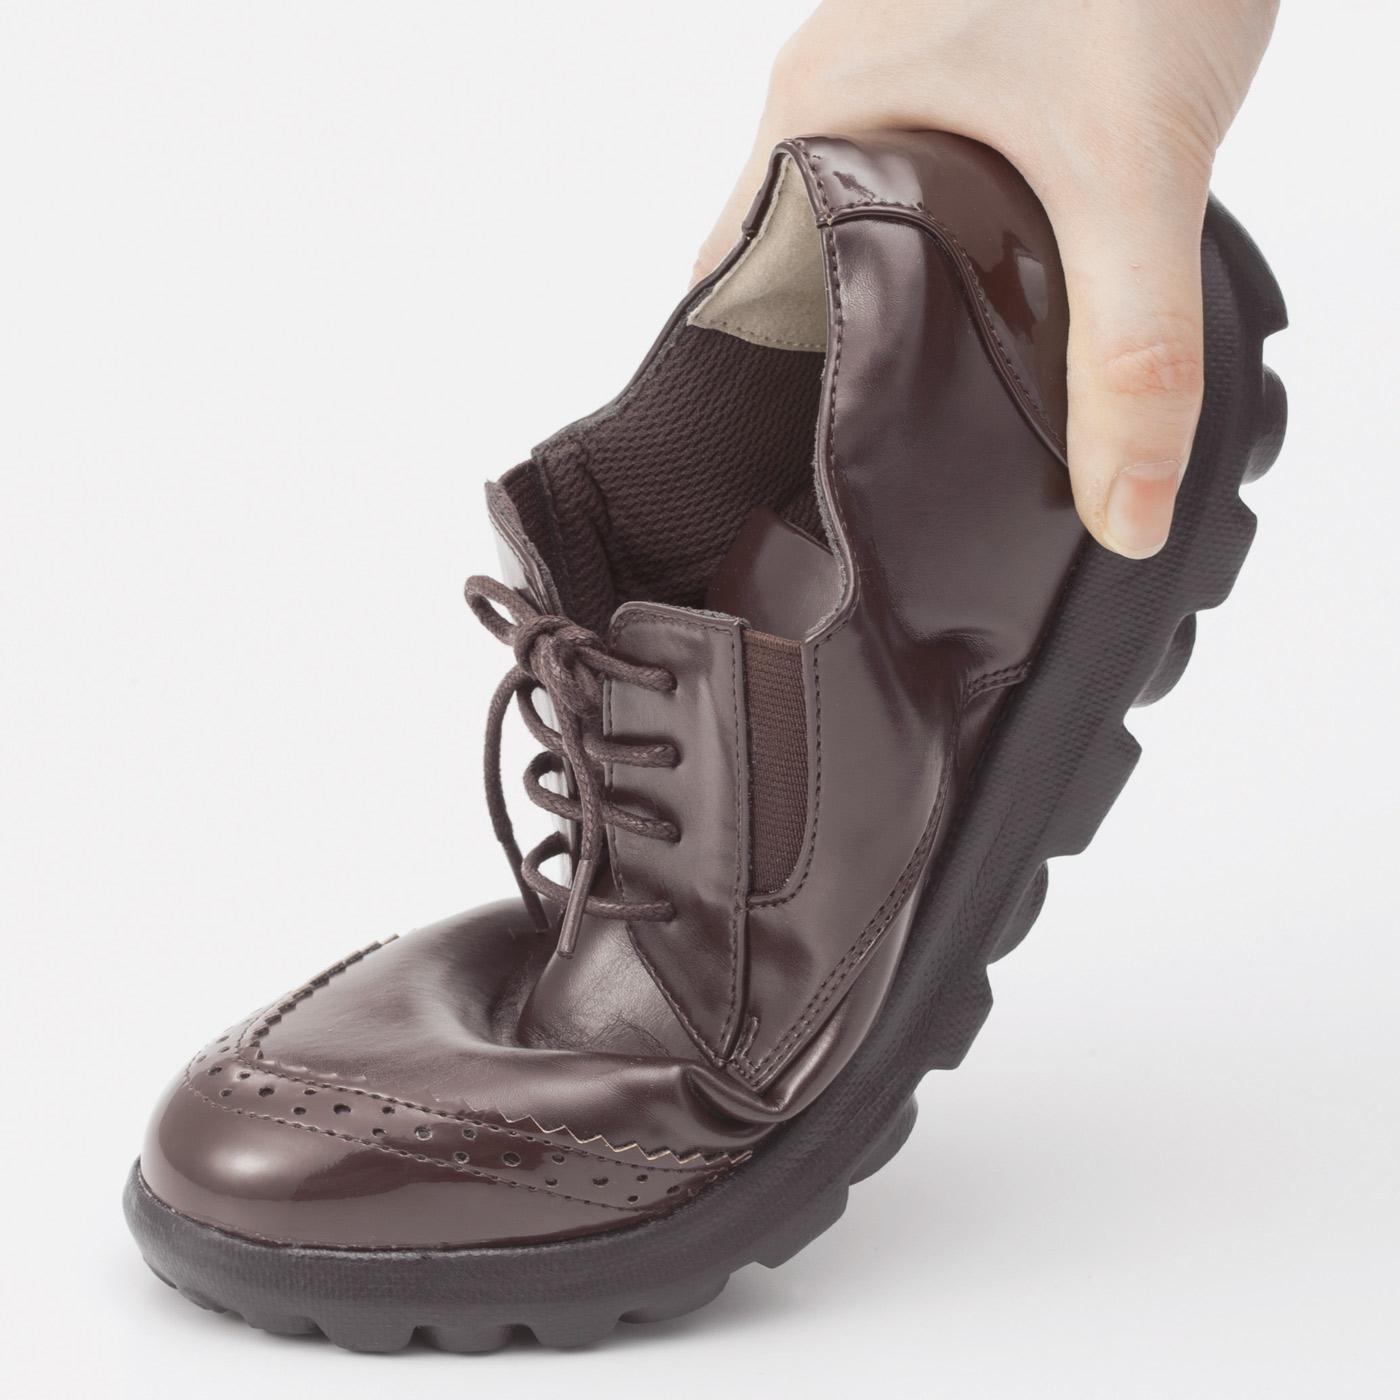 足の動きに沿うやわらかな履き心地で、歩きやすく疲れにくい。